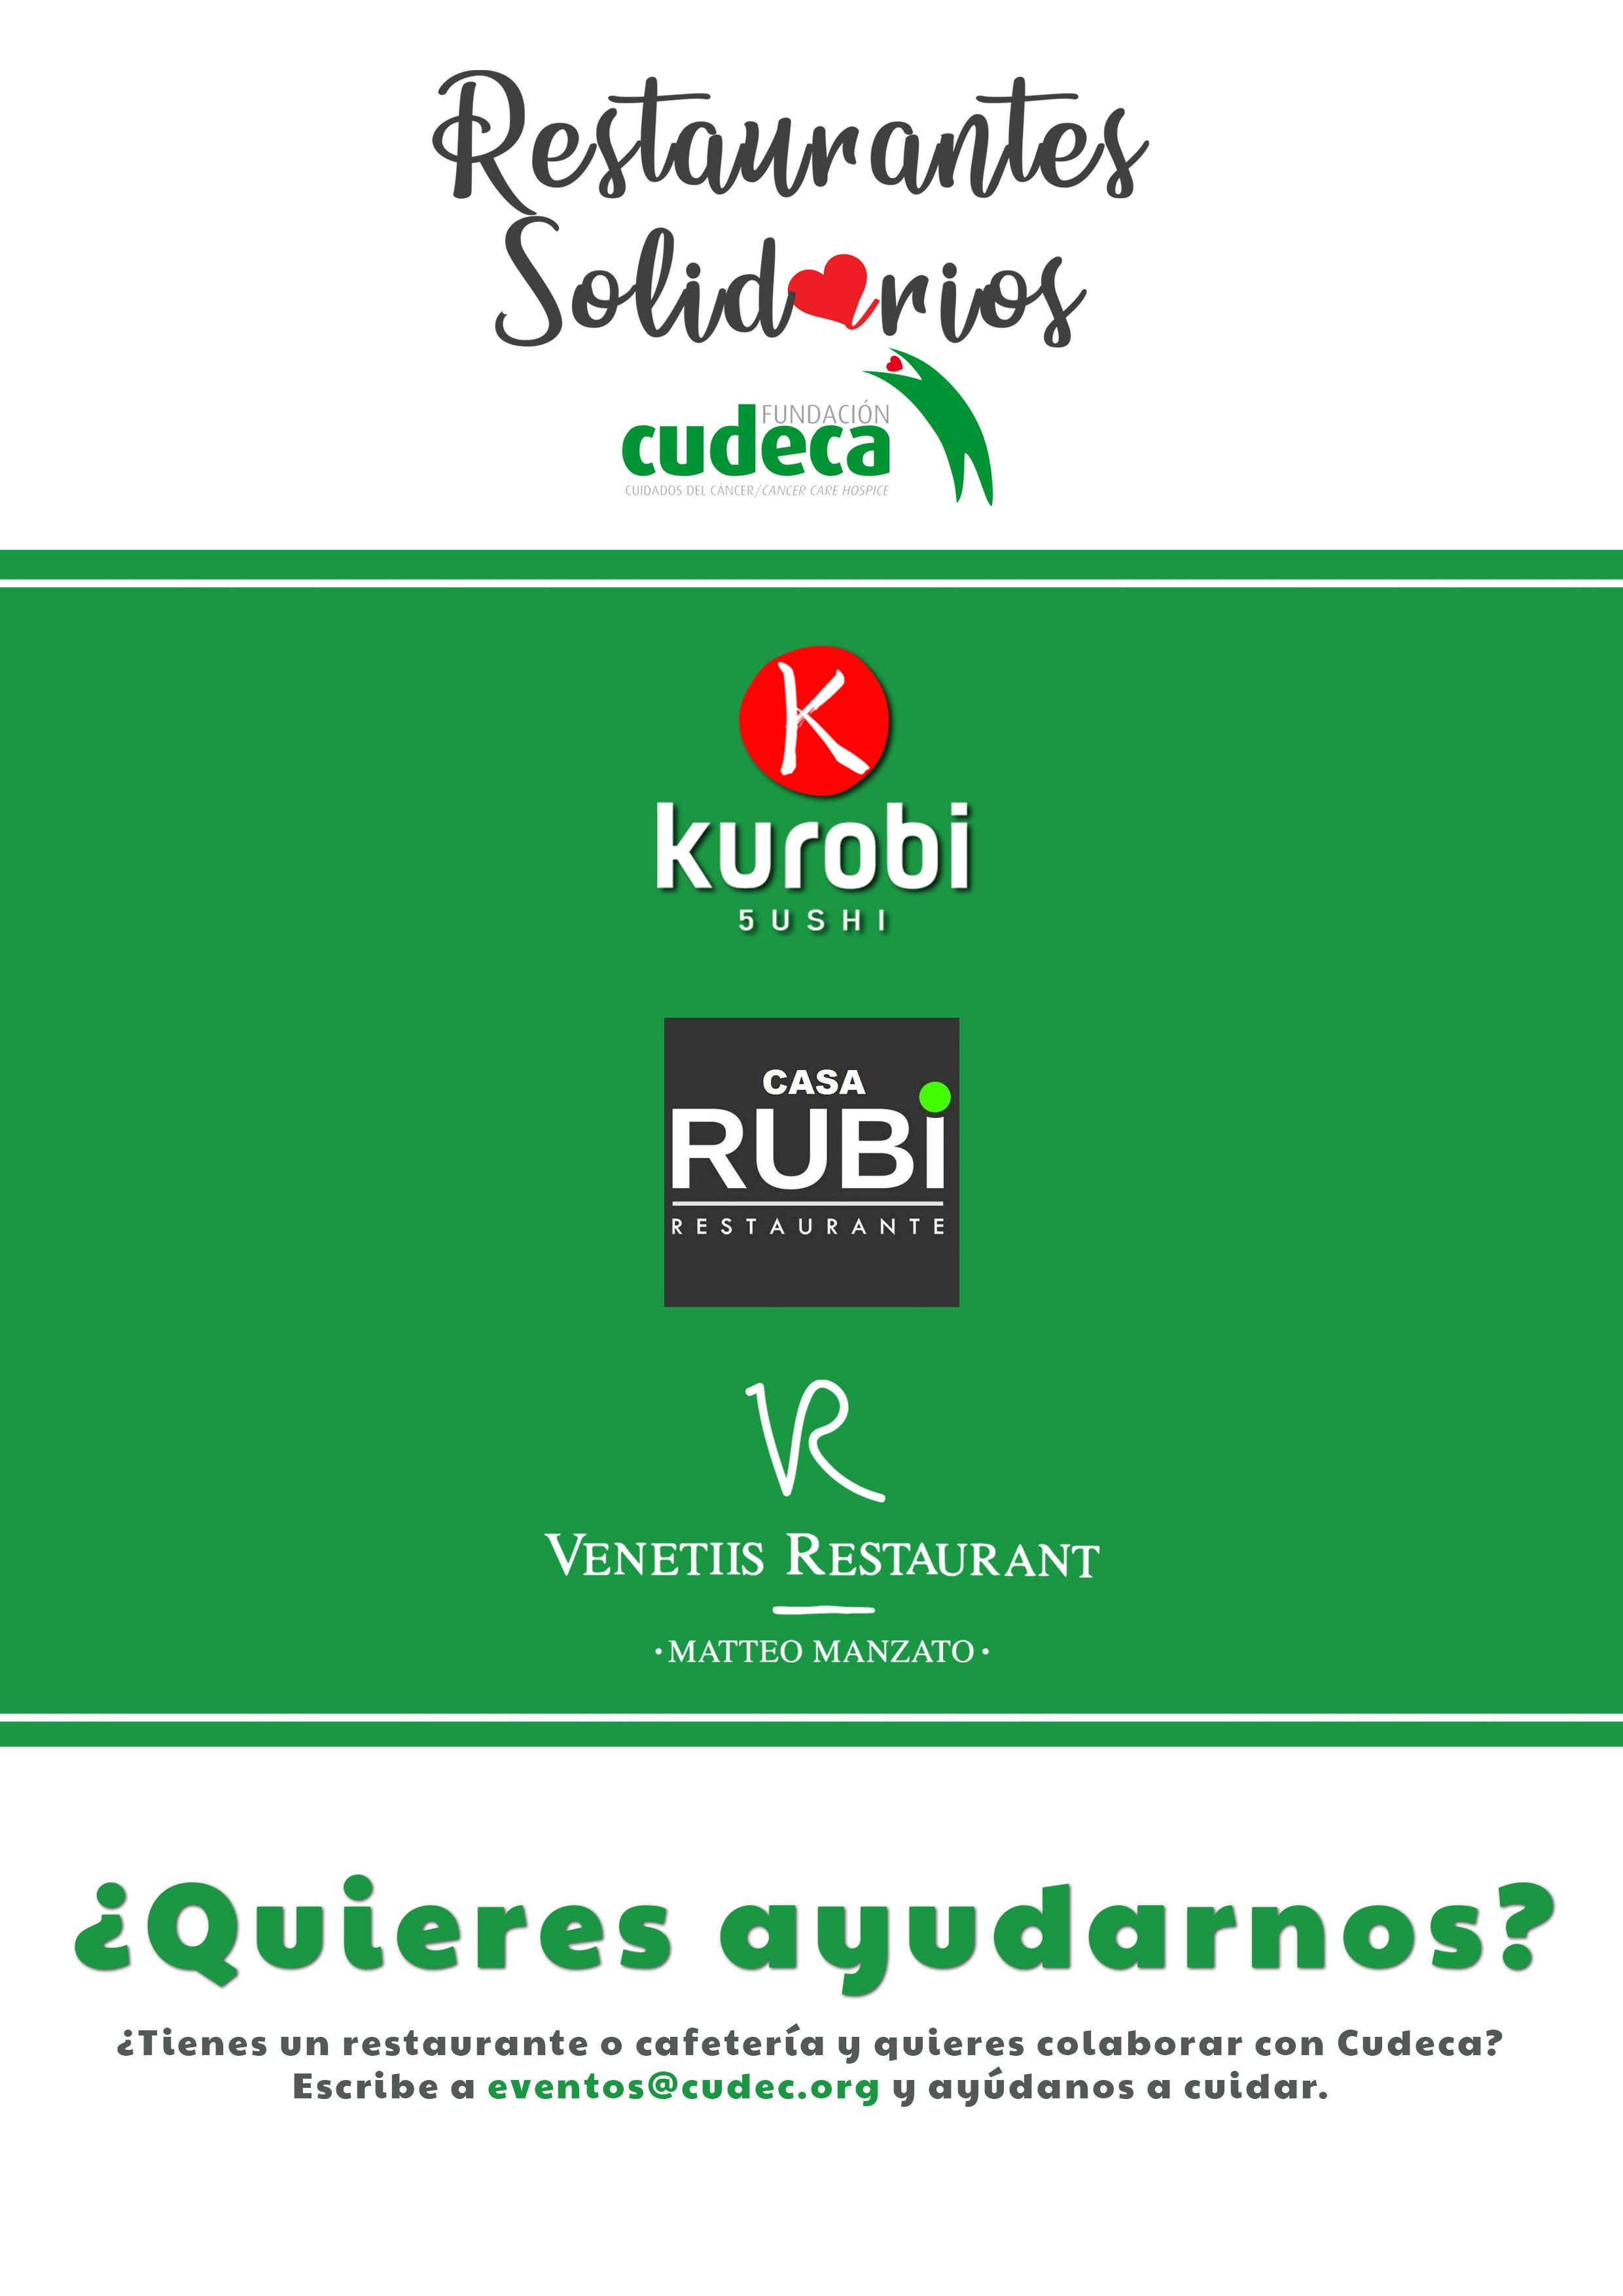 Restaurantes solidarios con Cudeca